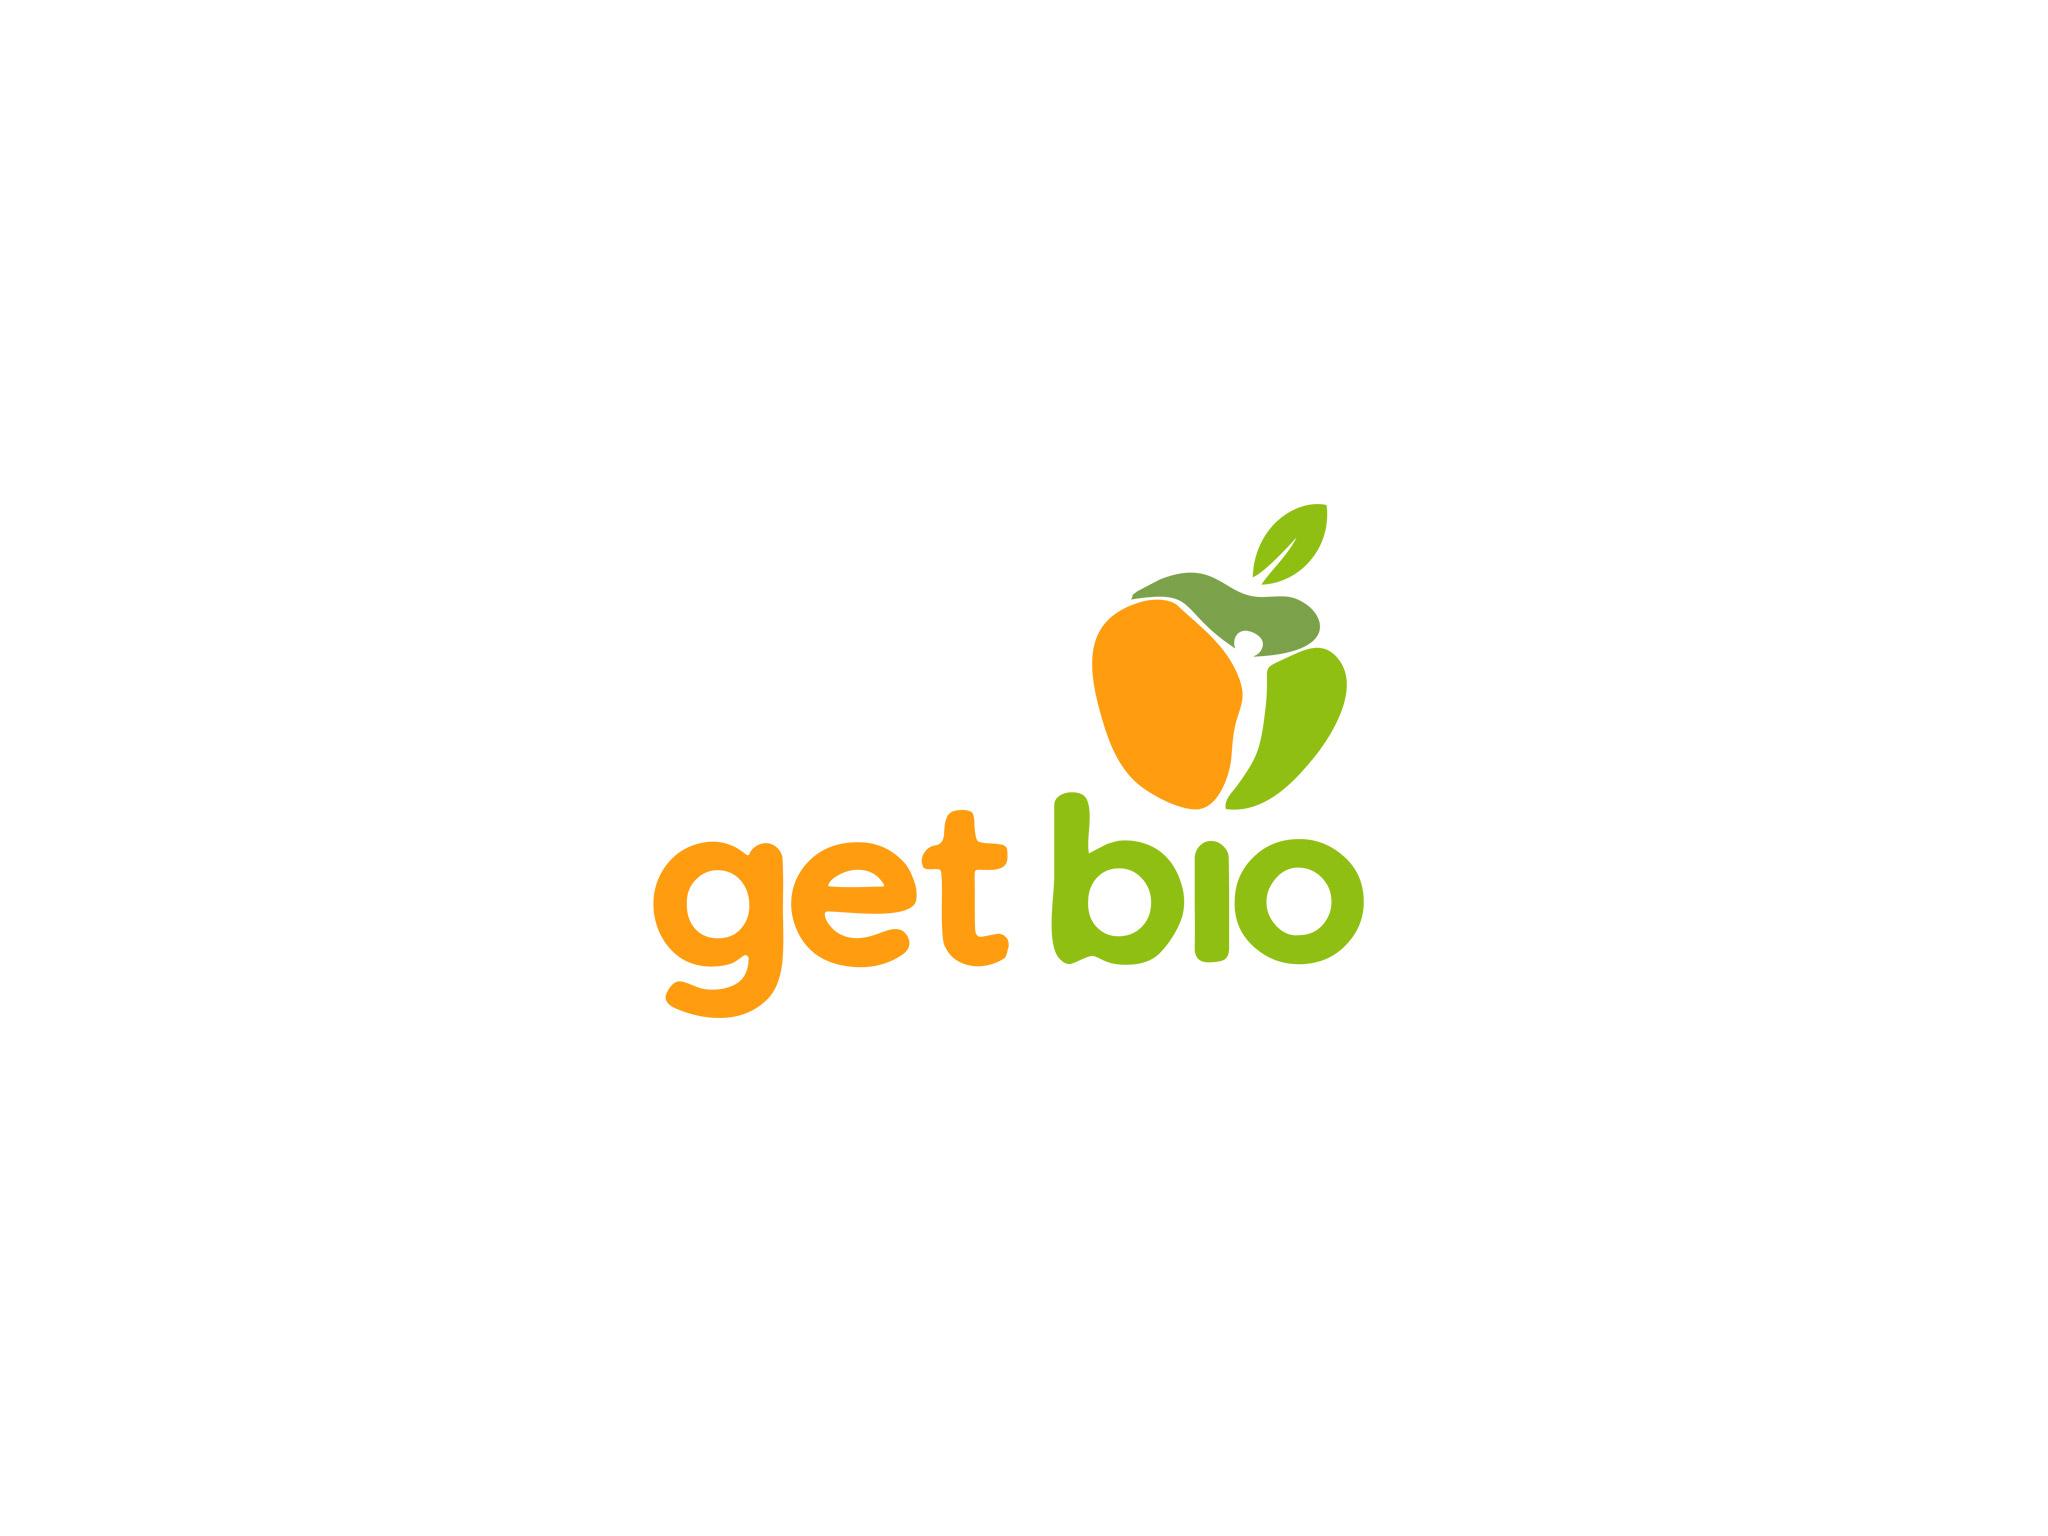 realizare logo pentru magazin online nutritie adlider